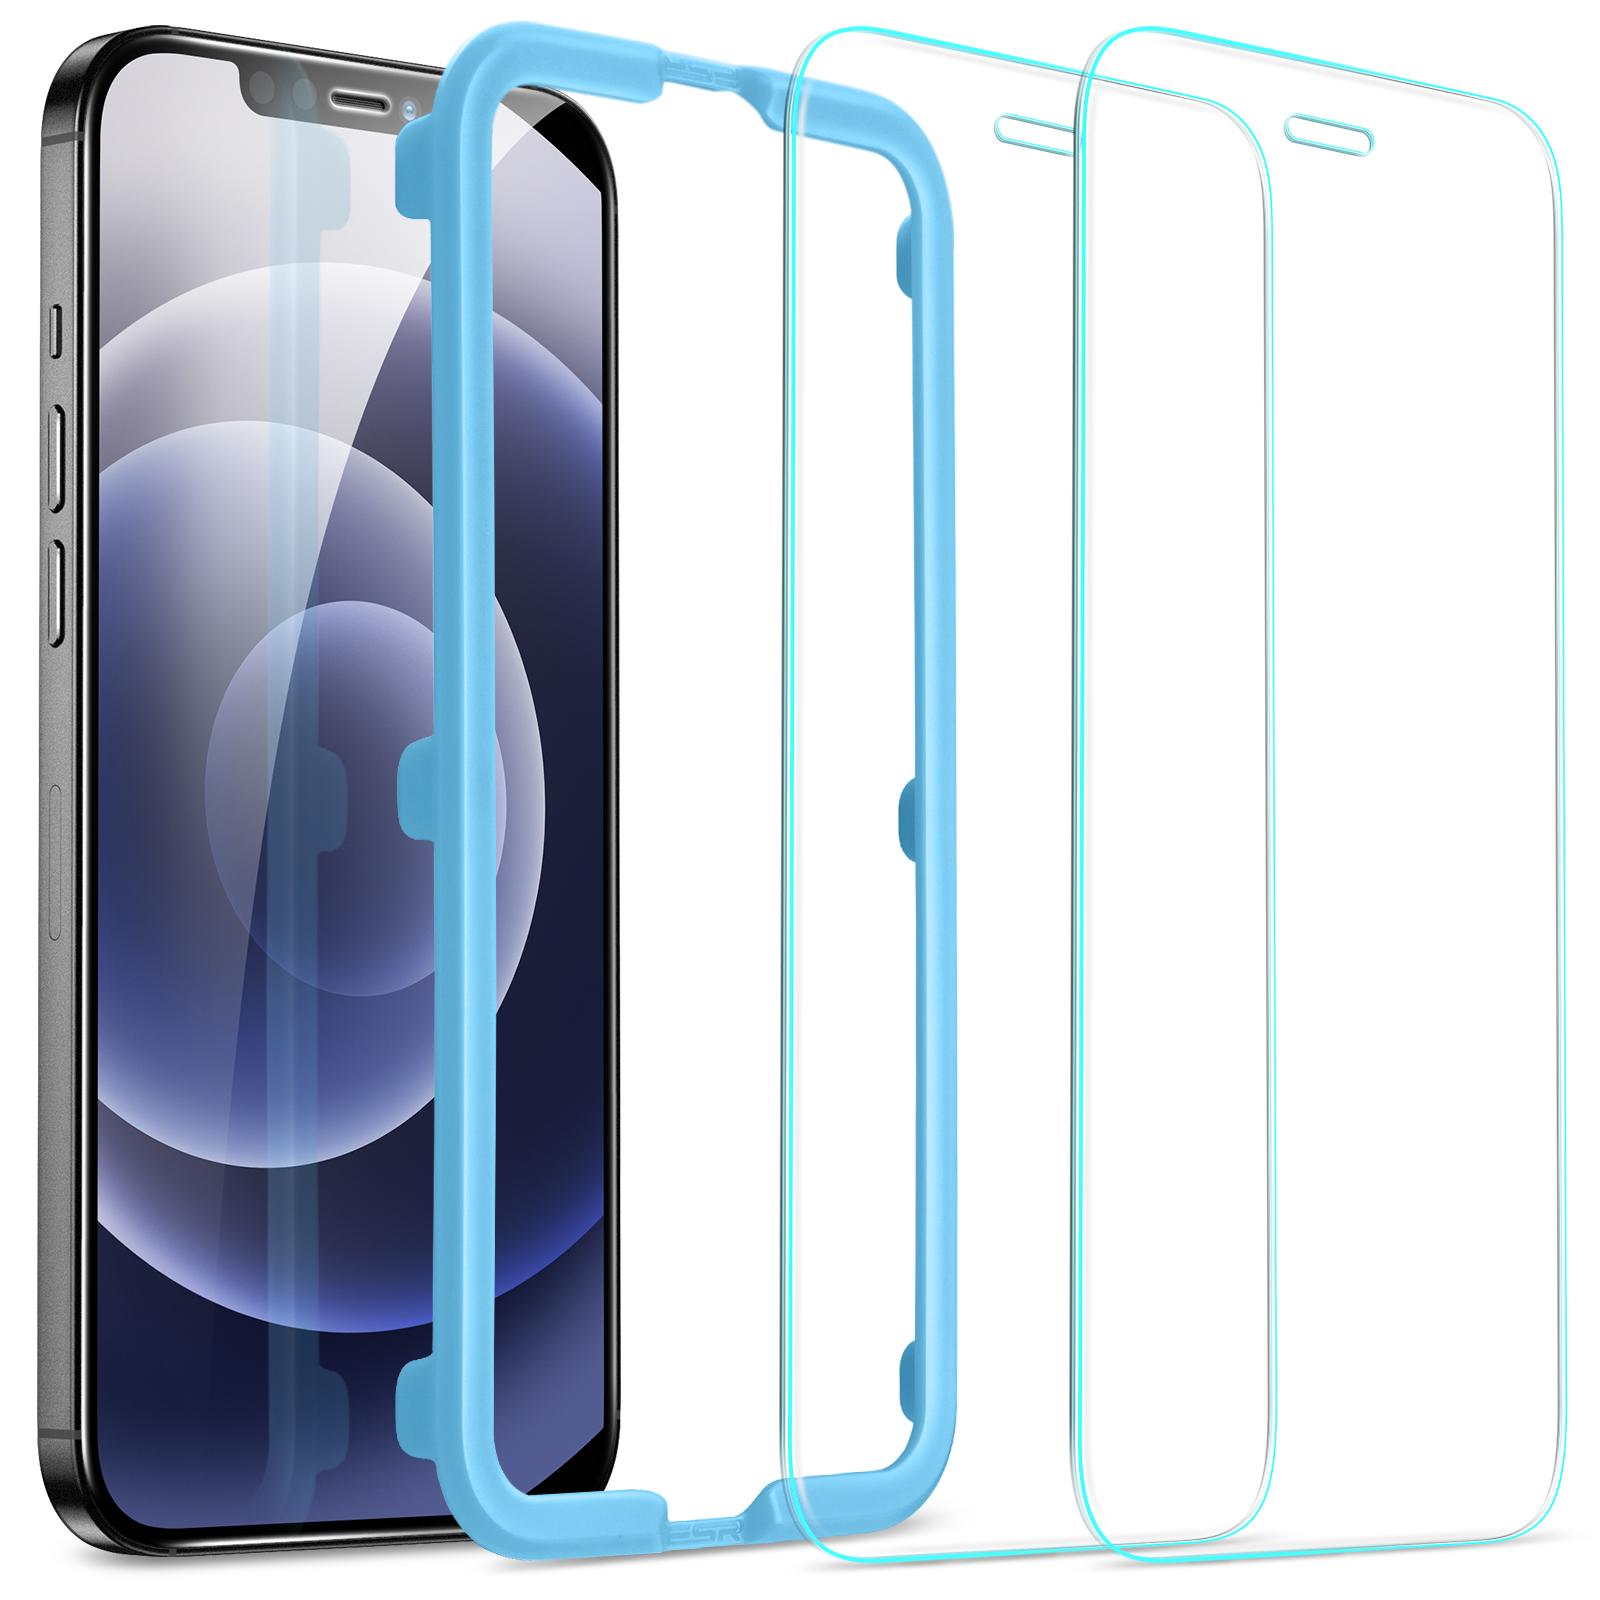 Miếng dán kính cường lực ESR bảo vệ màn hình cho điện thoại iPhone 12